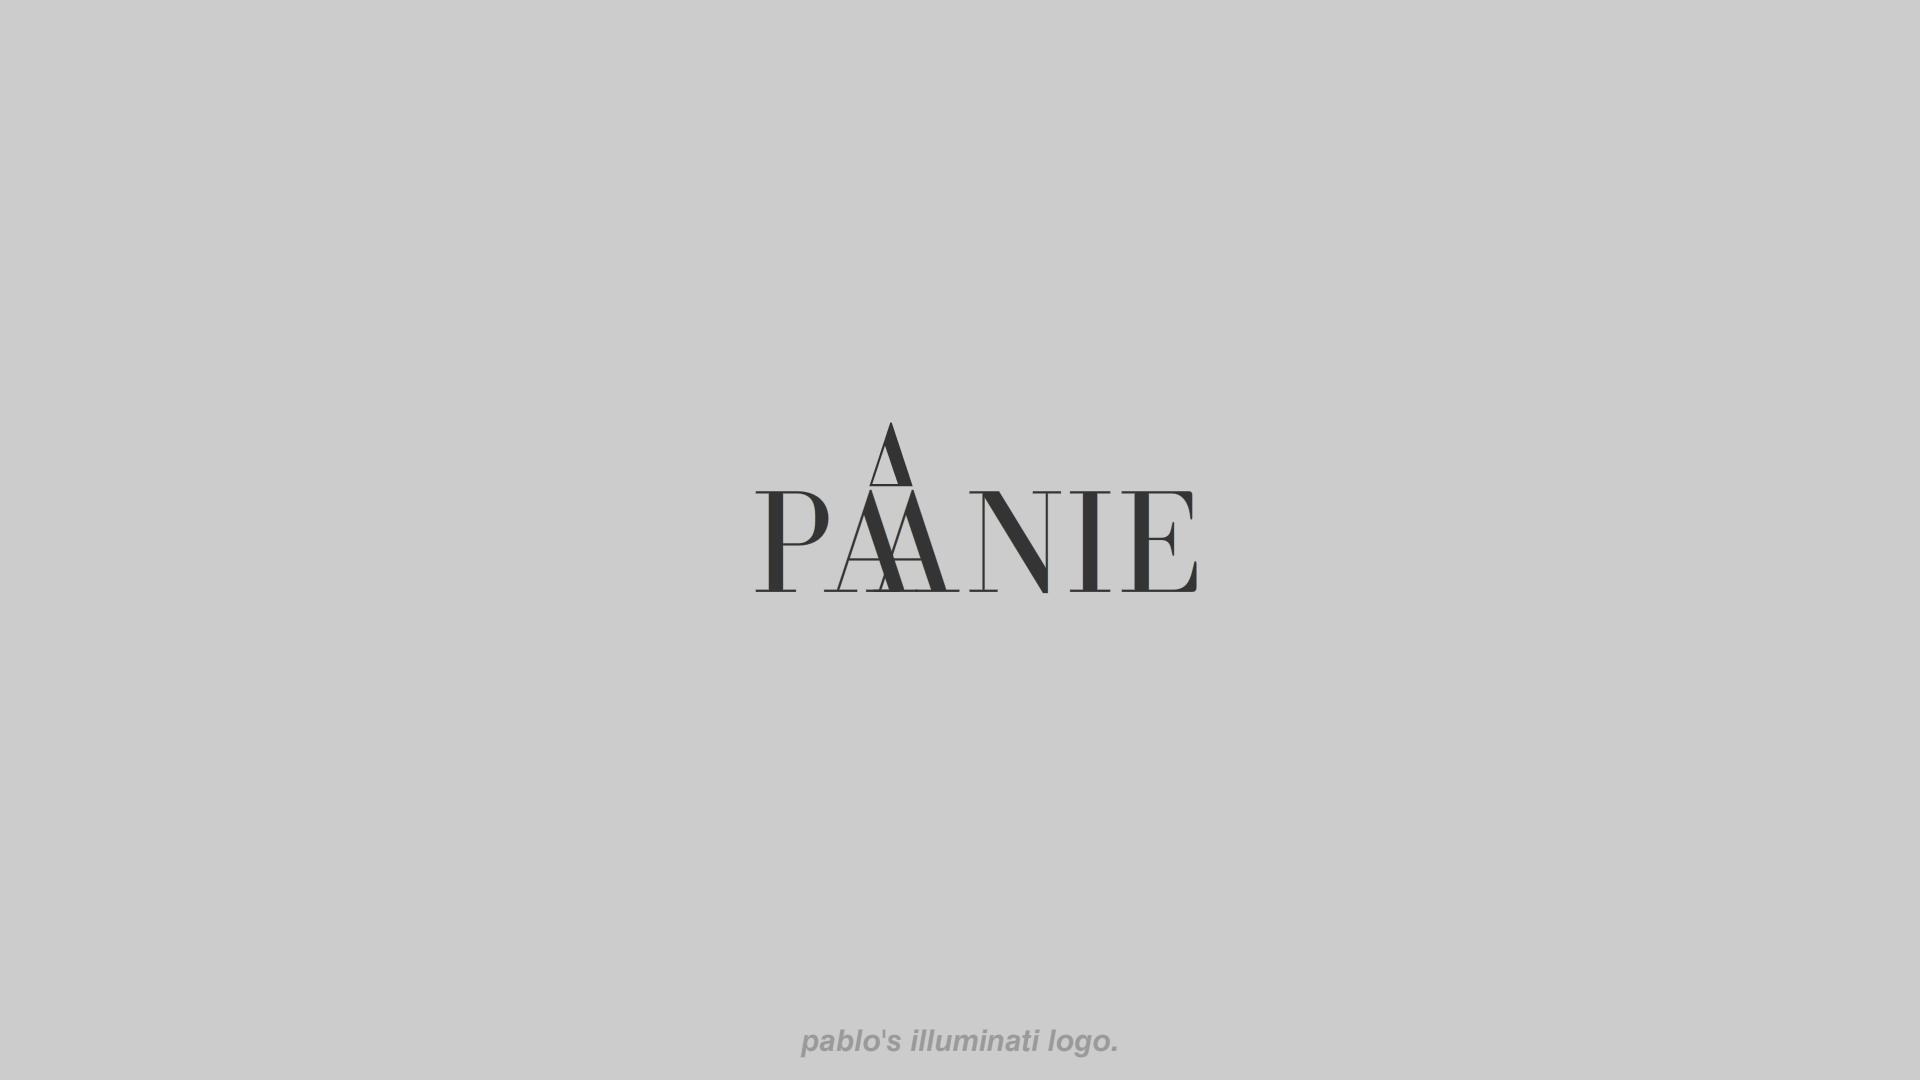 paanielogo0012.png